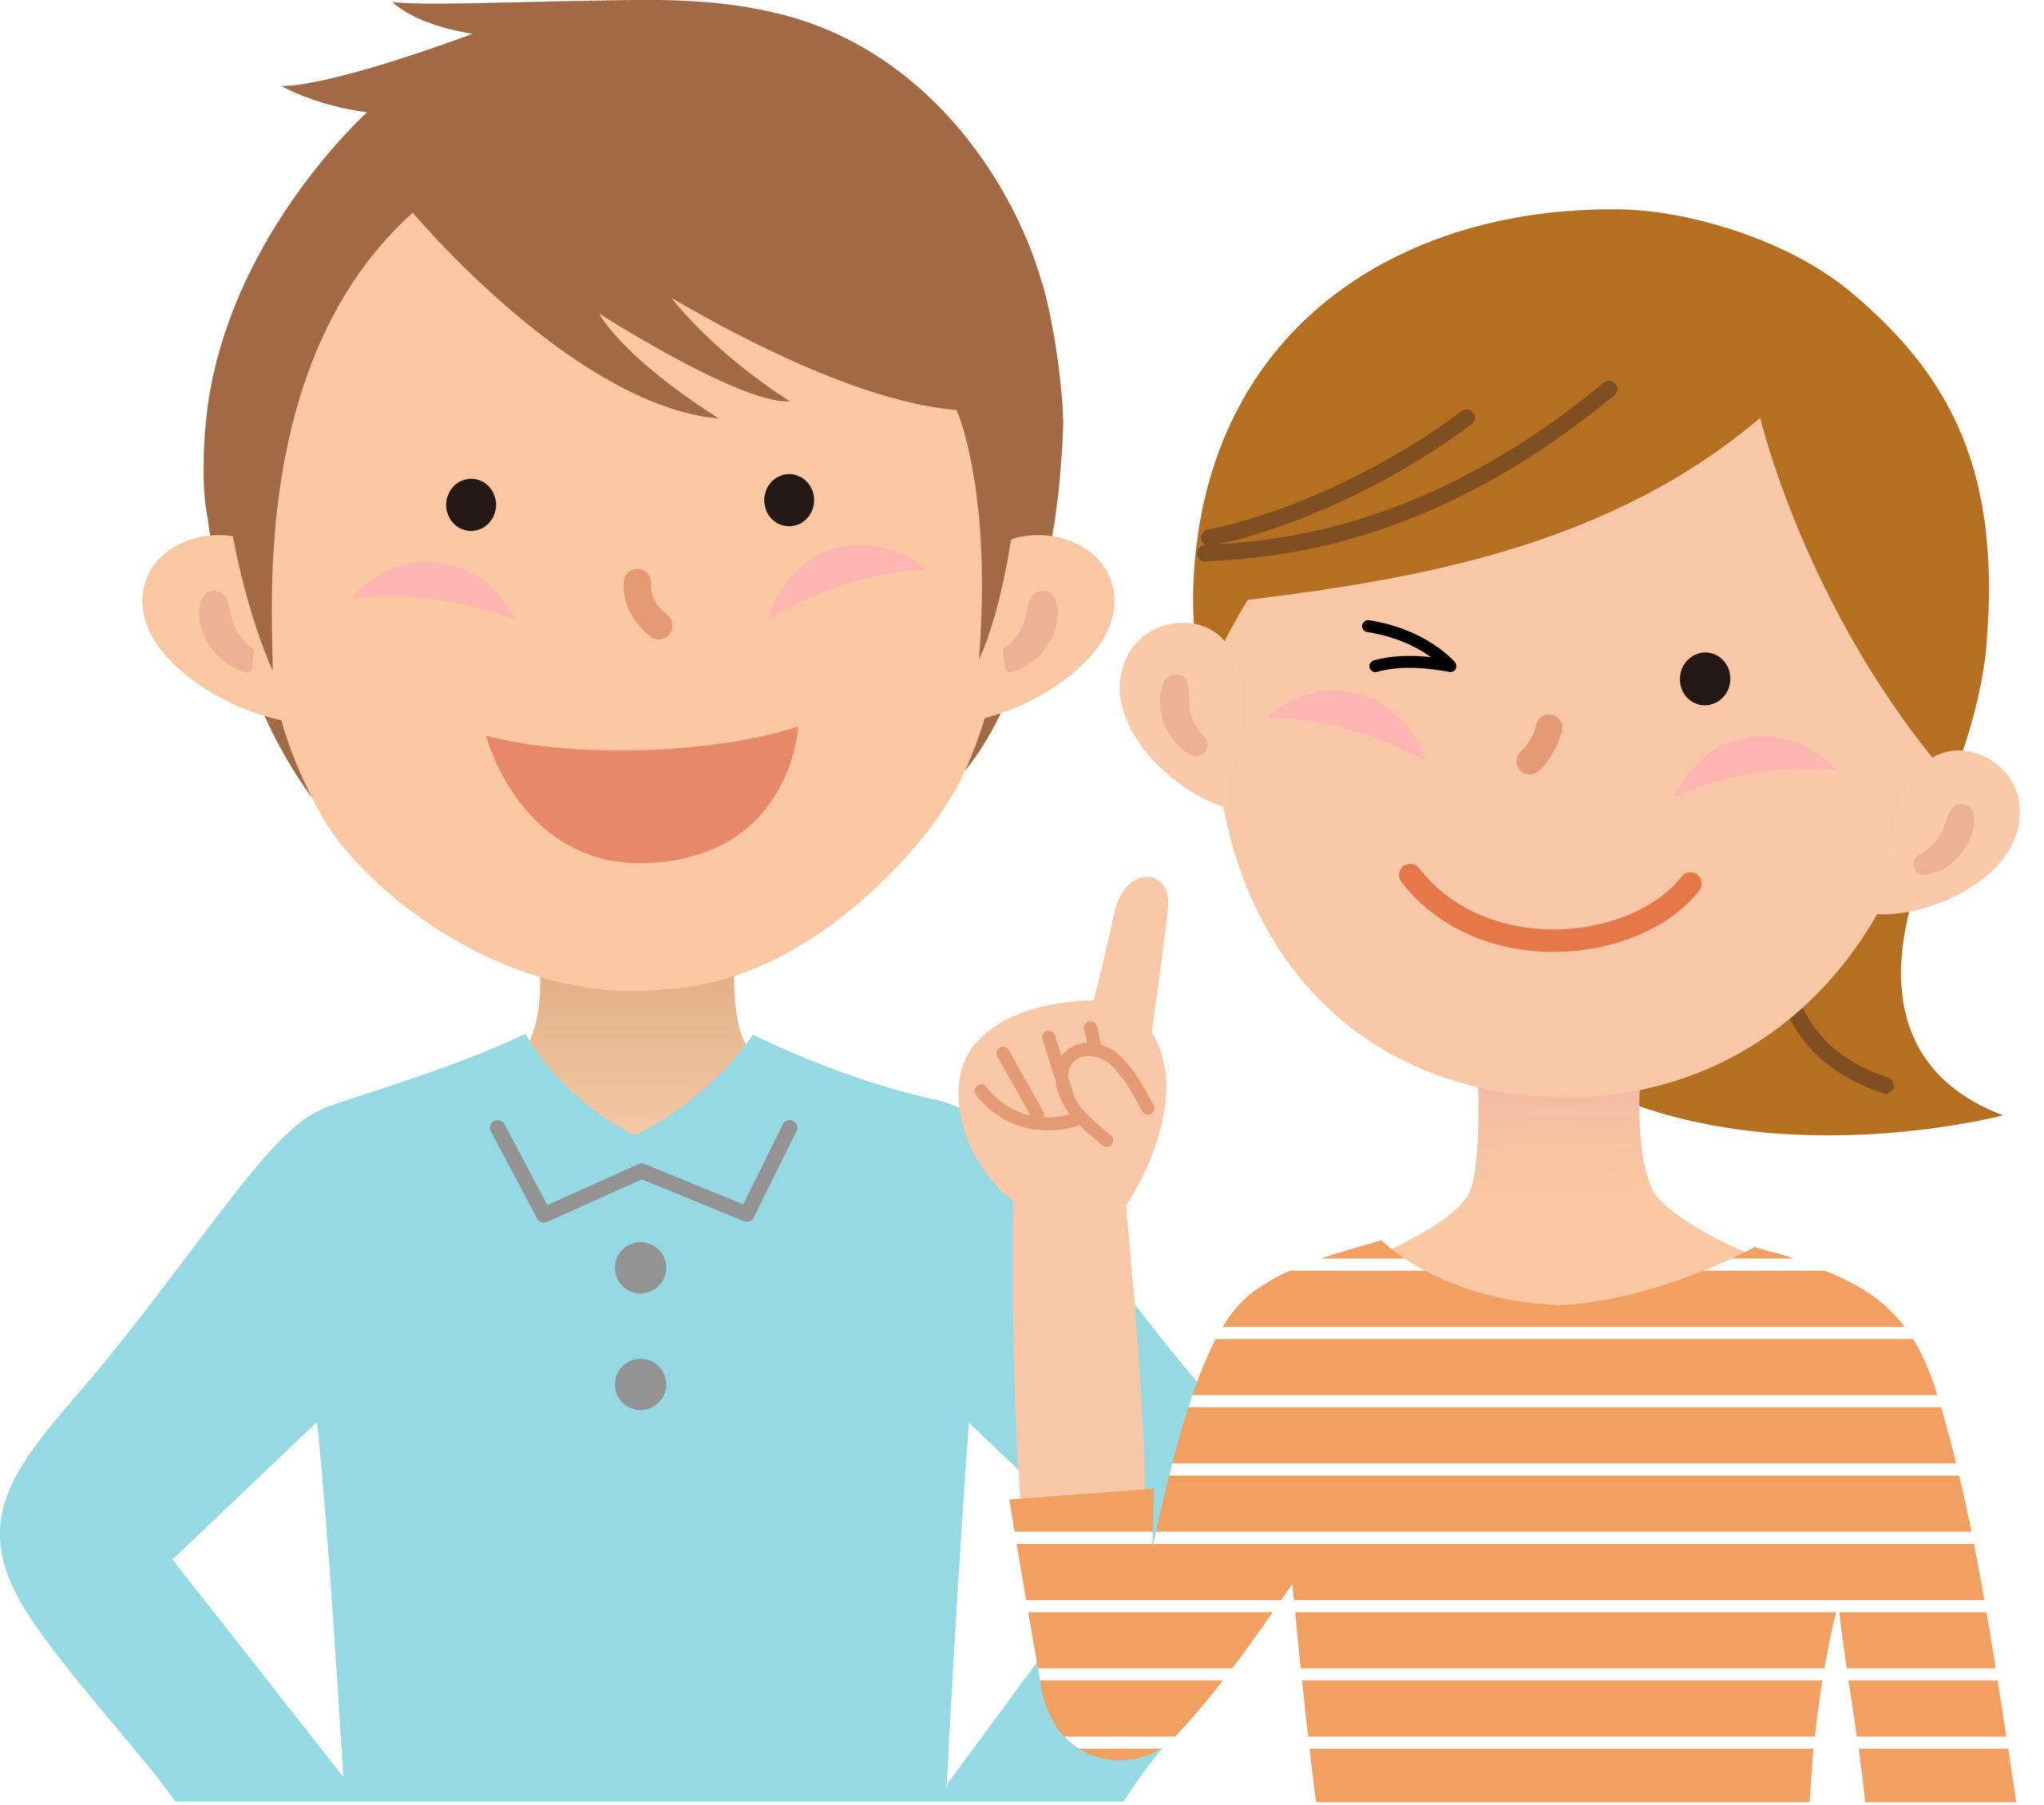 夫婦のイメージ画像